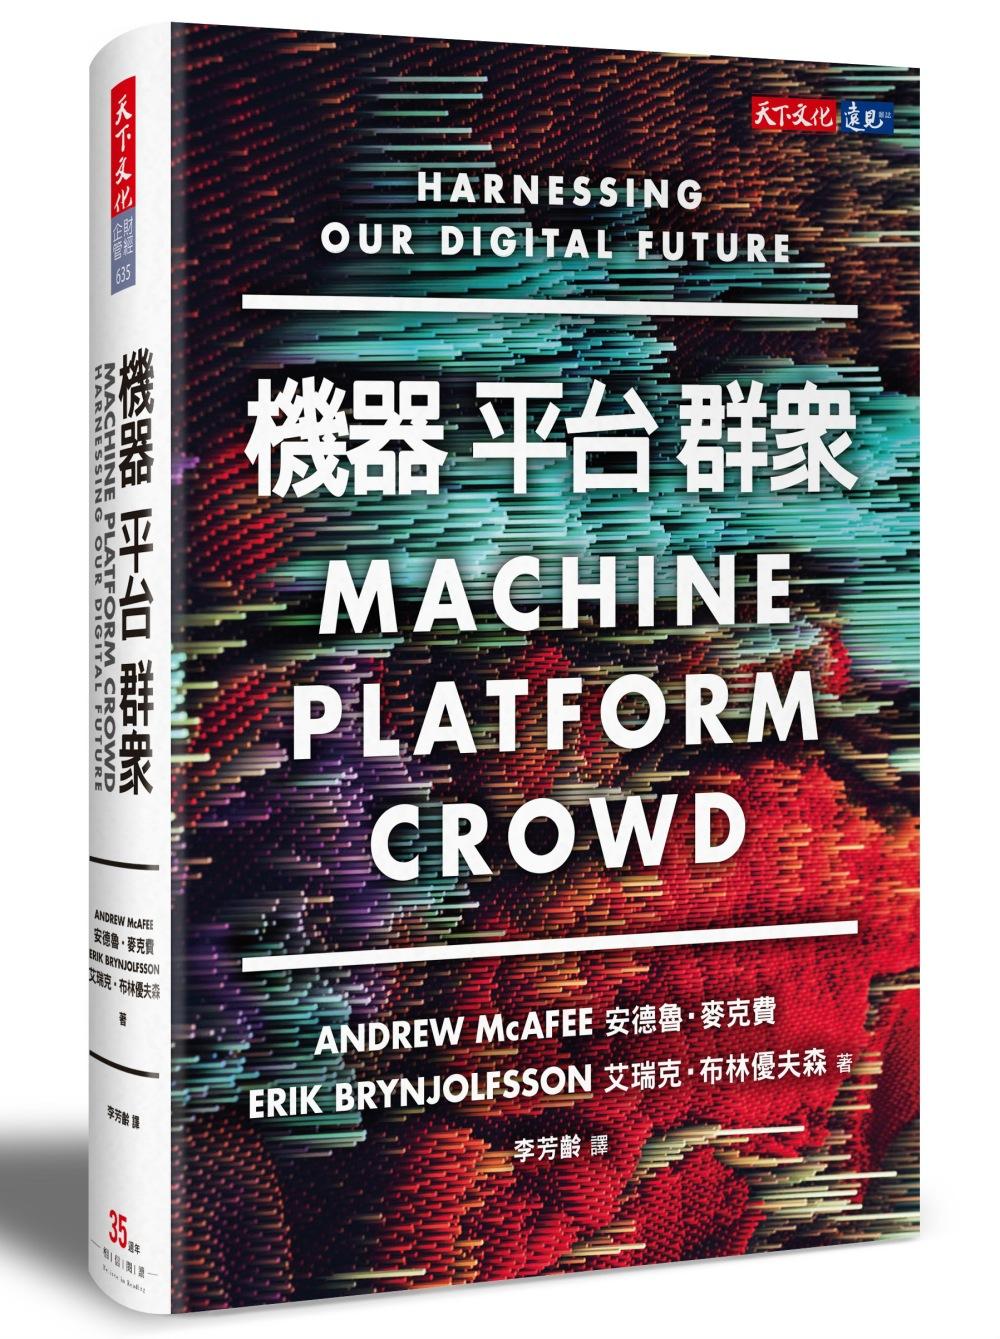 機器,平台,群眾:如何駕馭我們的數位未來